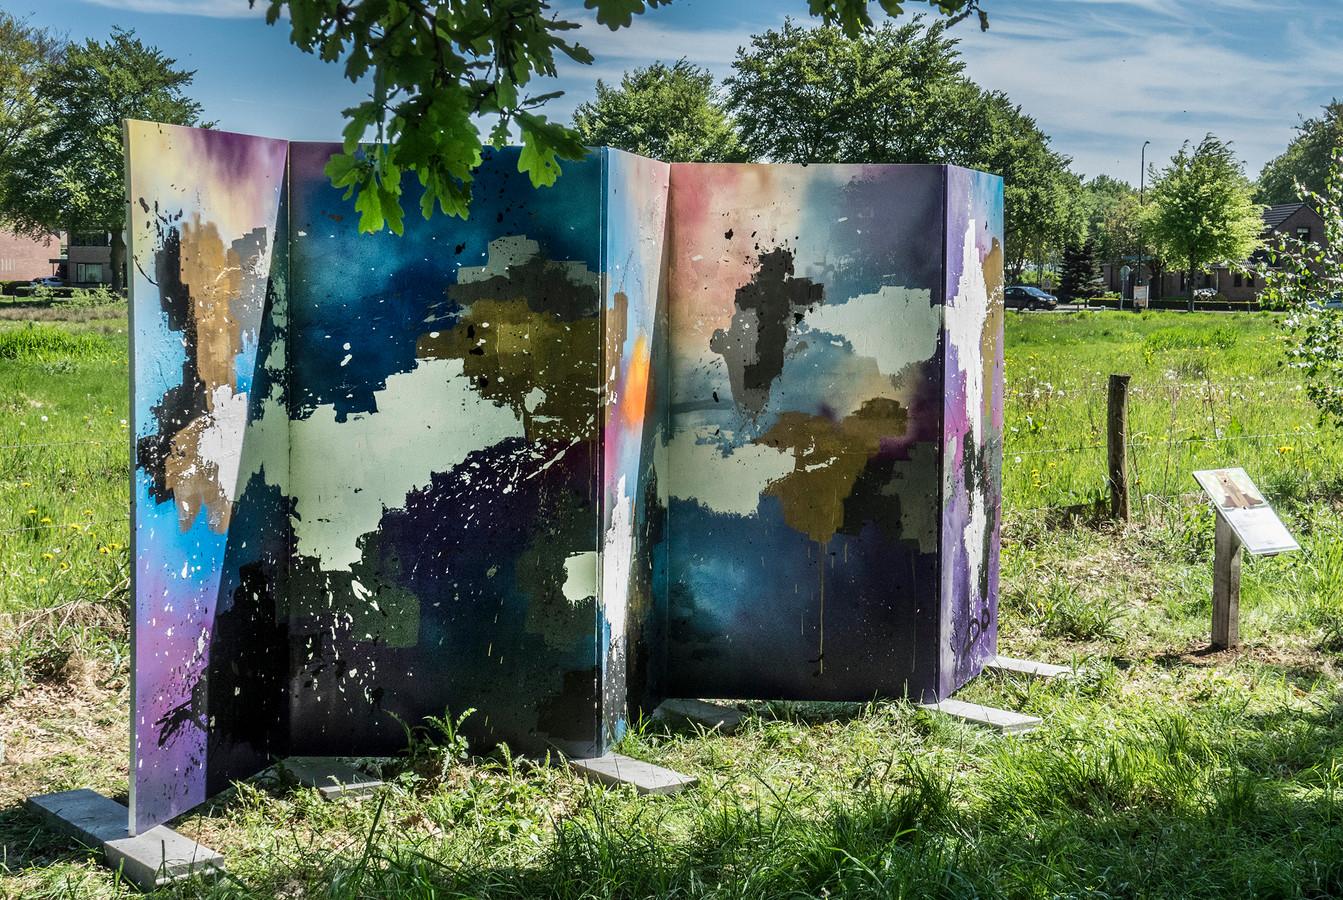 De Kunstroute in 2018: Dit was het kunstwerk ZigZag van Bo Pennings.